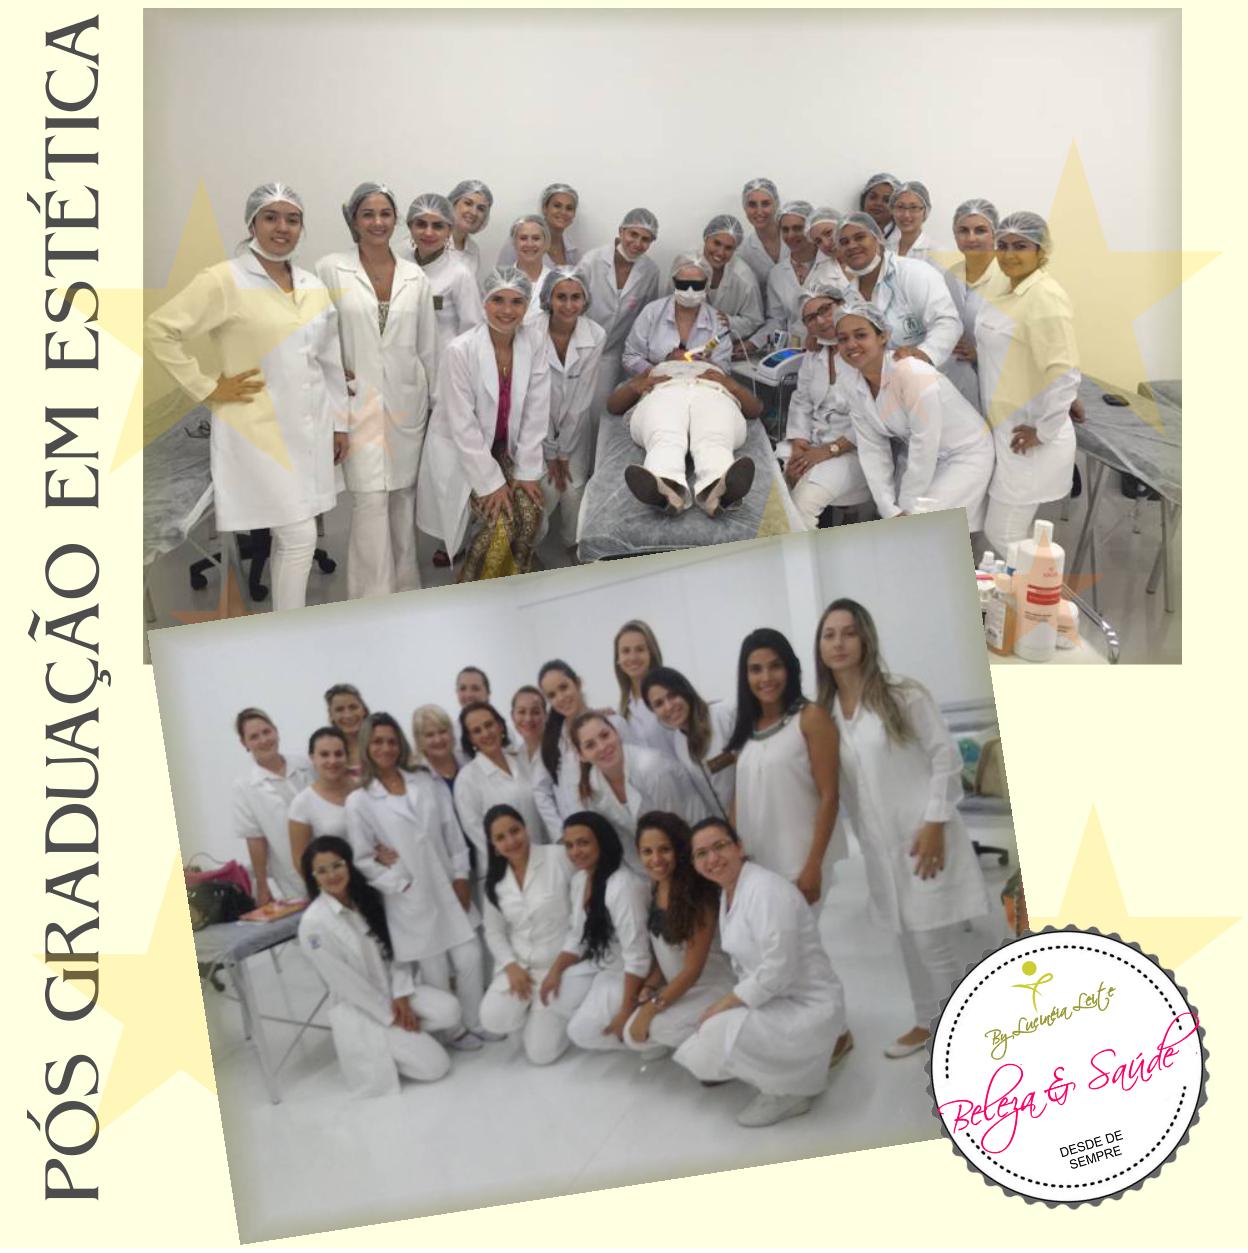 Aula sobre ortomolecular na estética para a turma da Póas Gradução em Estética de Campo Grande estética docente / professor(a)